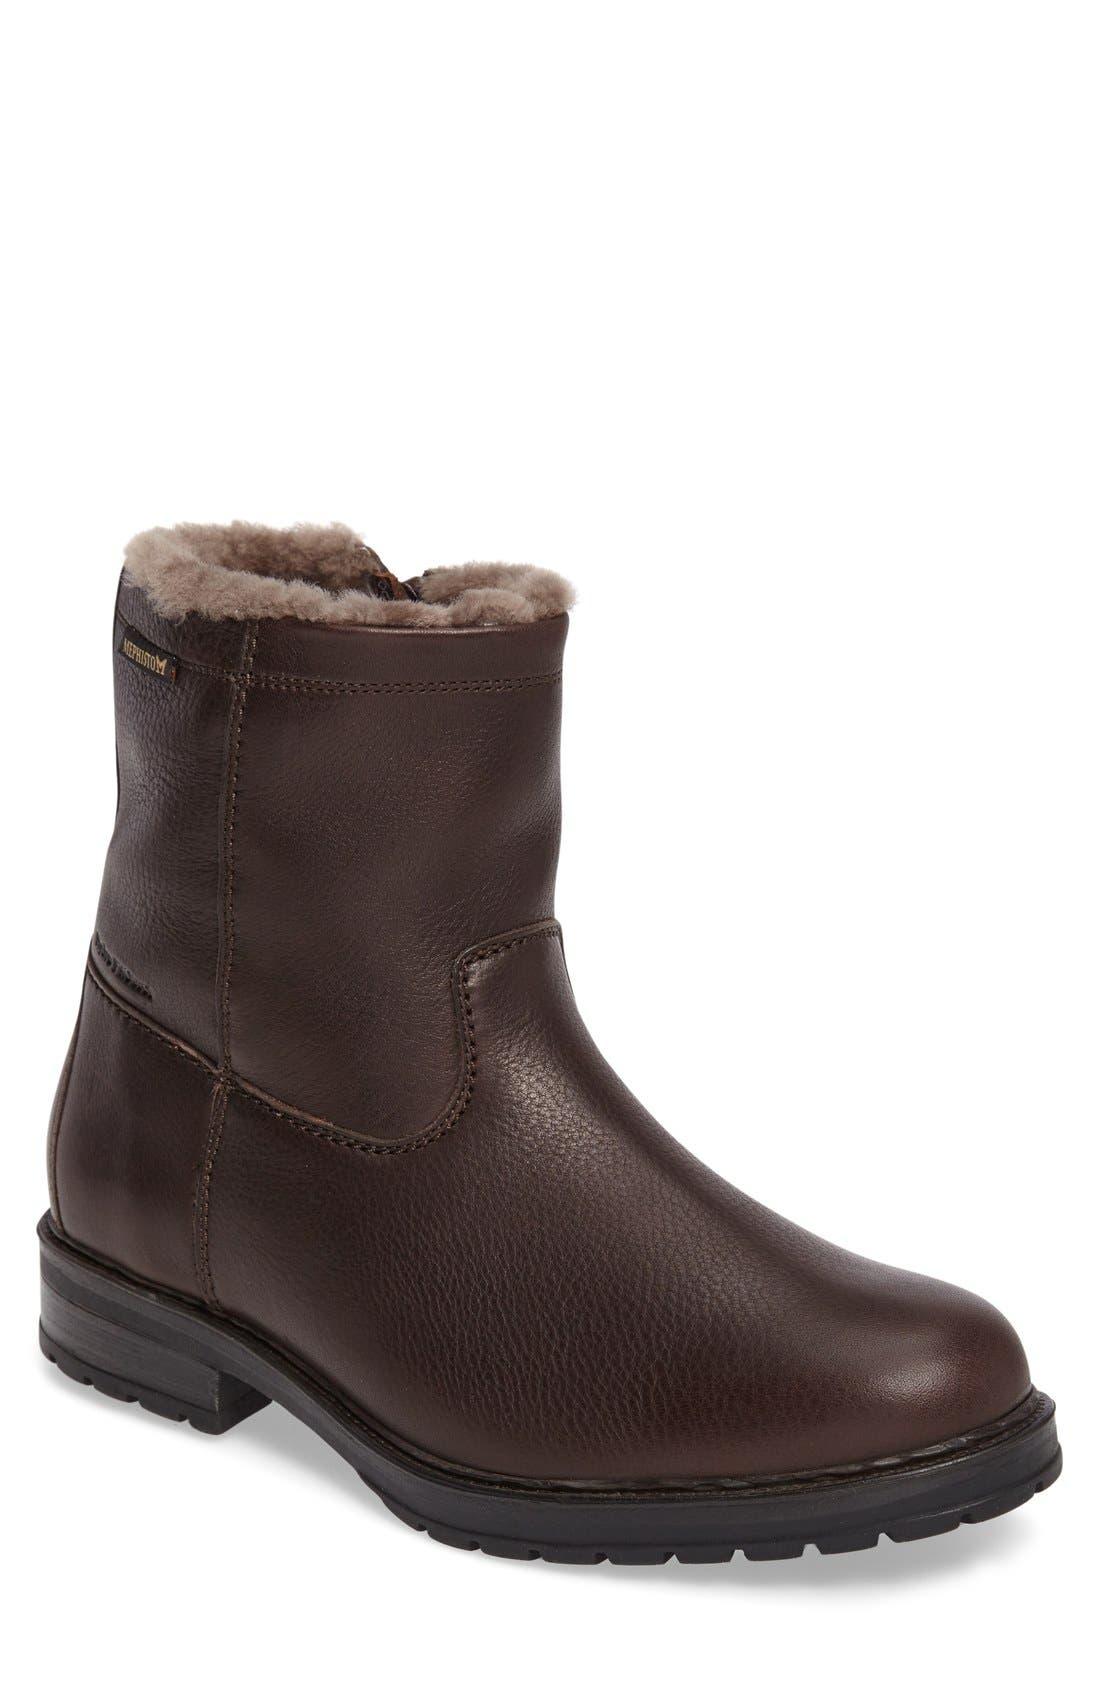 Mephisto Leonardo Genuine Shearling Lined Boot (Men)